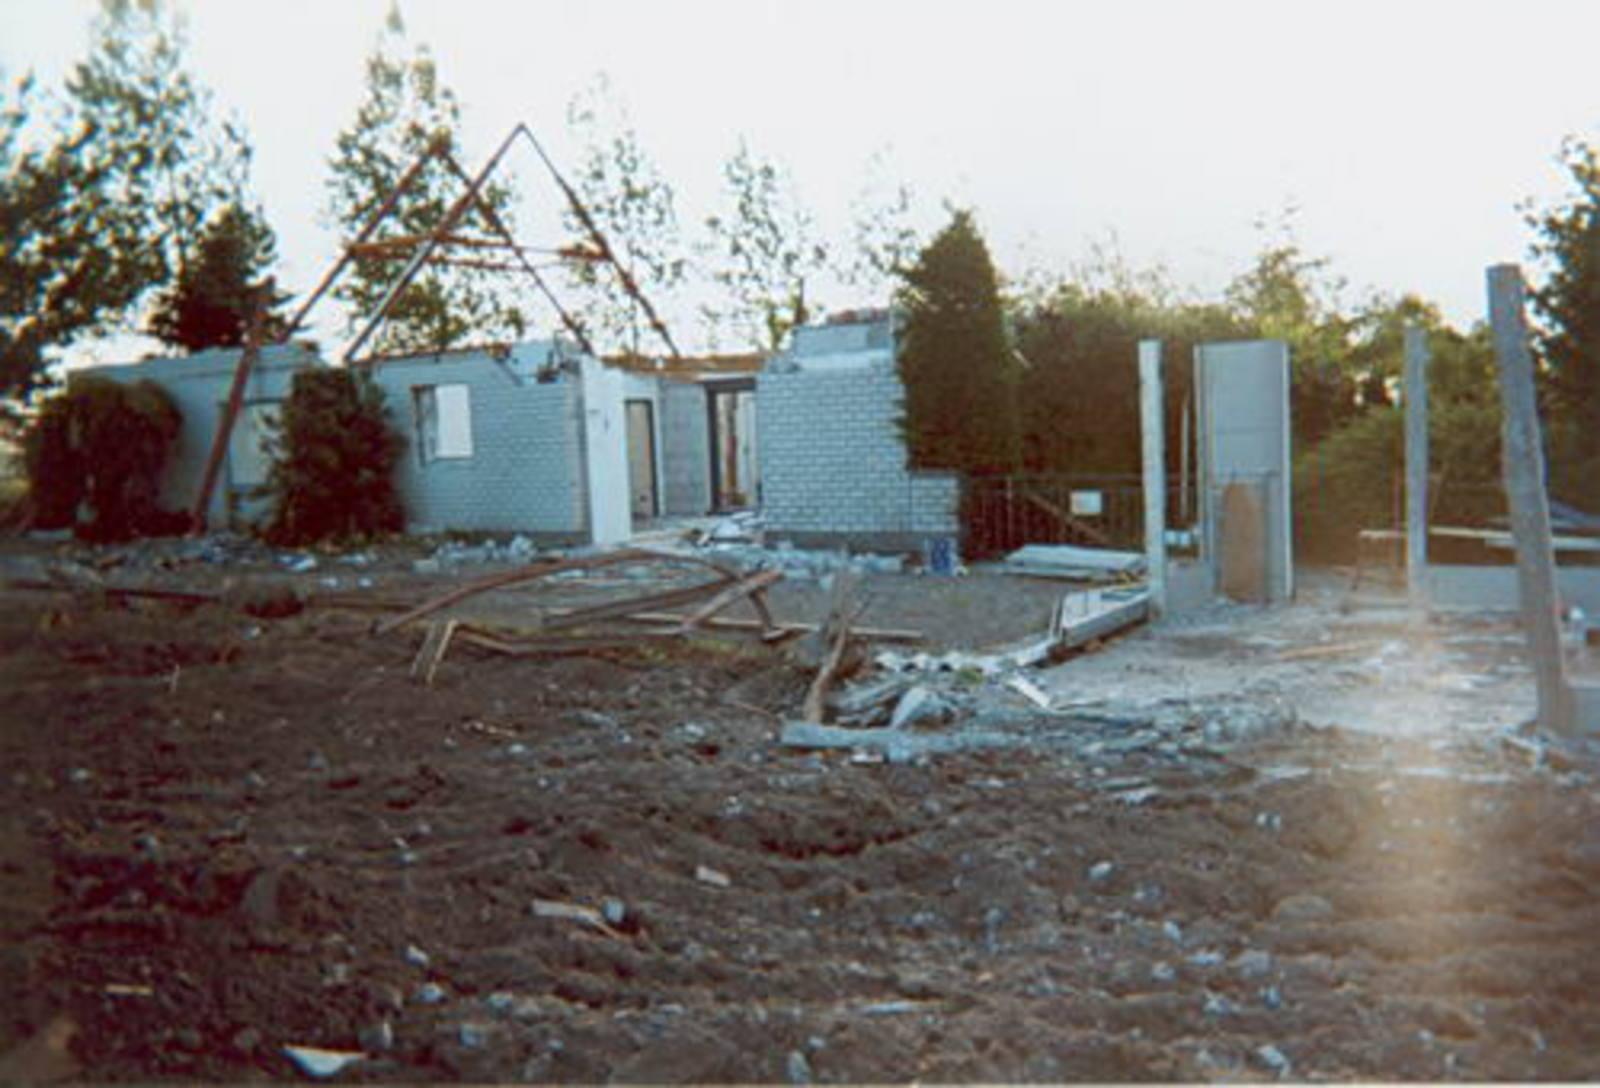 Vijfhuizerweg N 0533± 2000 Sloop Huize Rijke 04